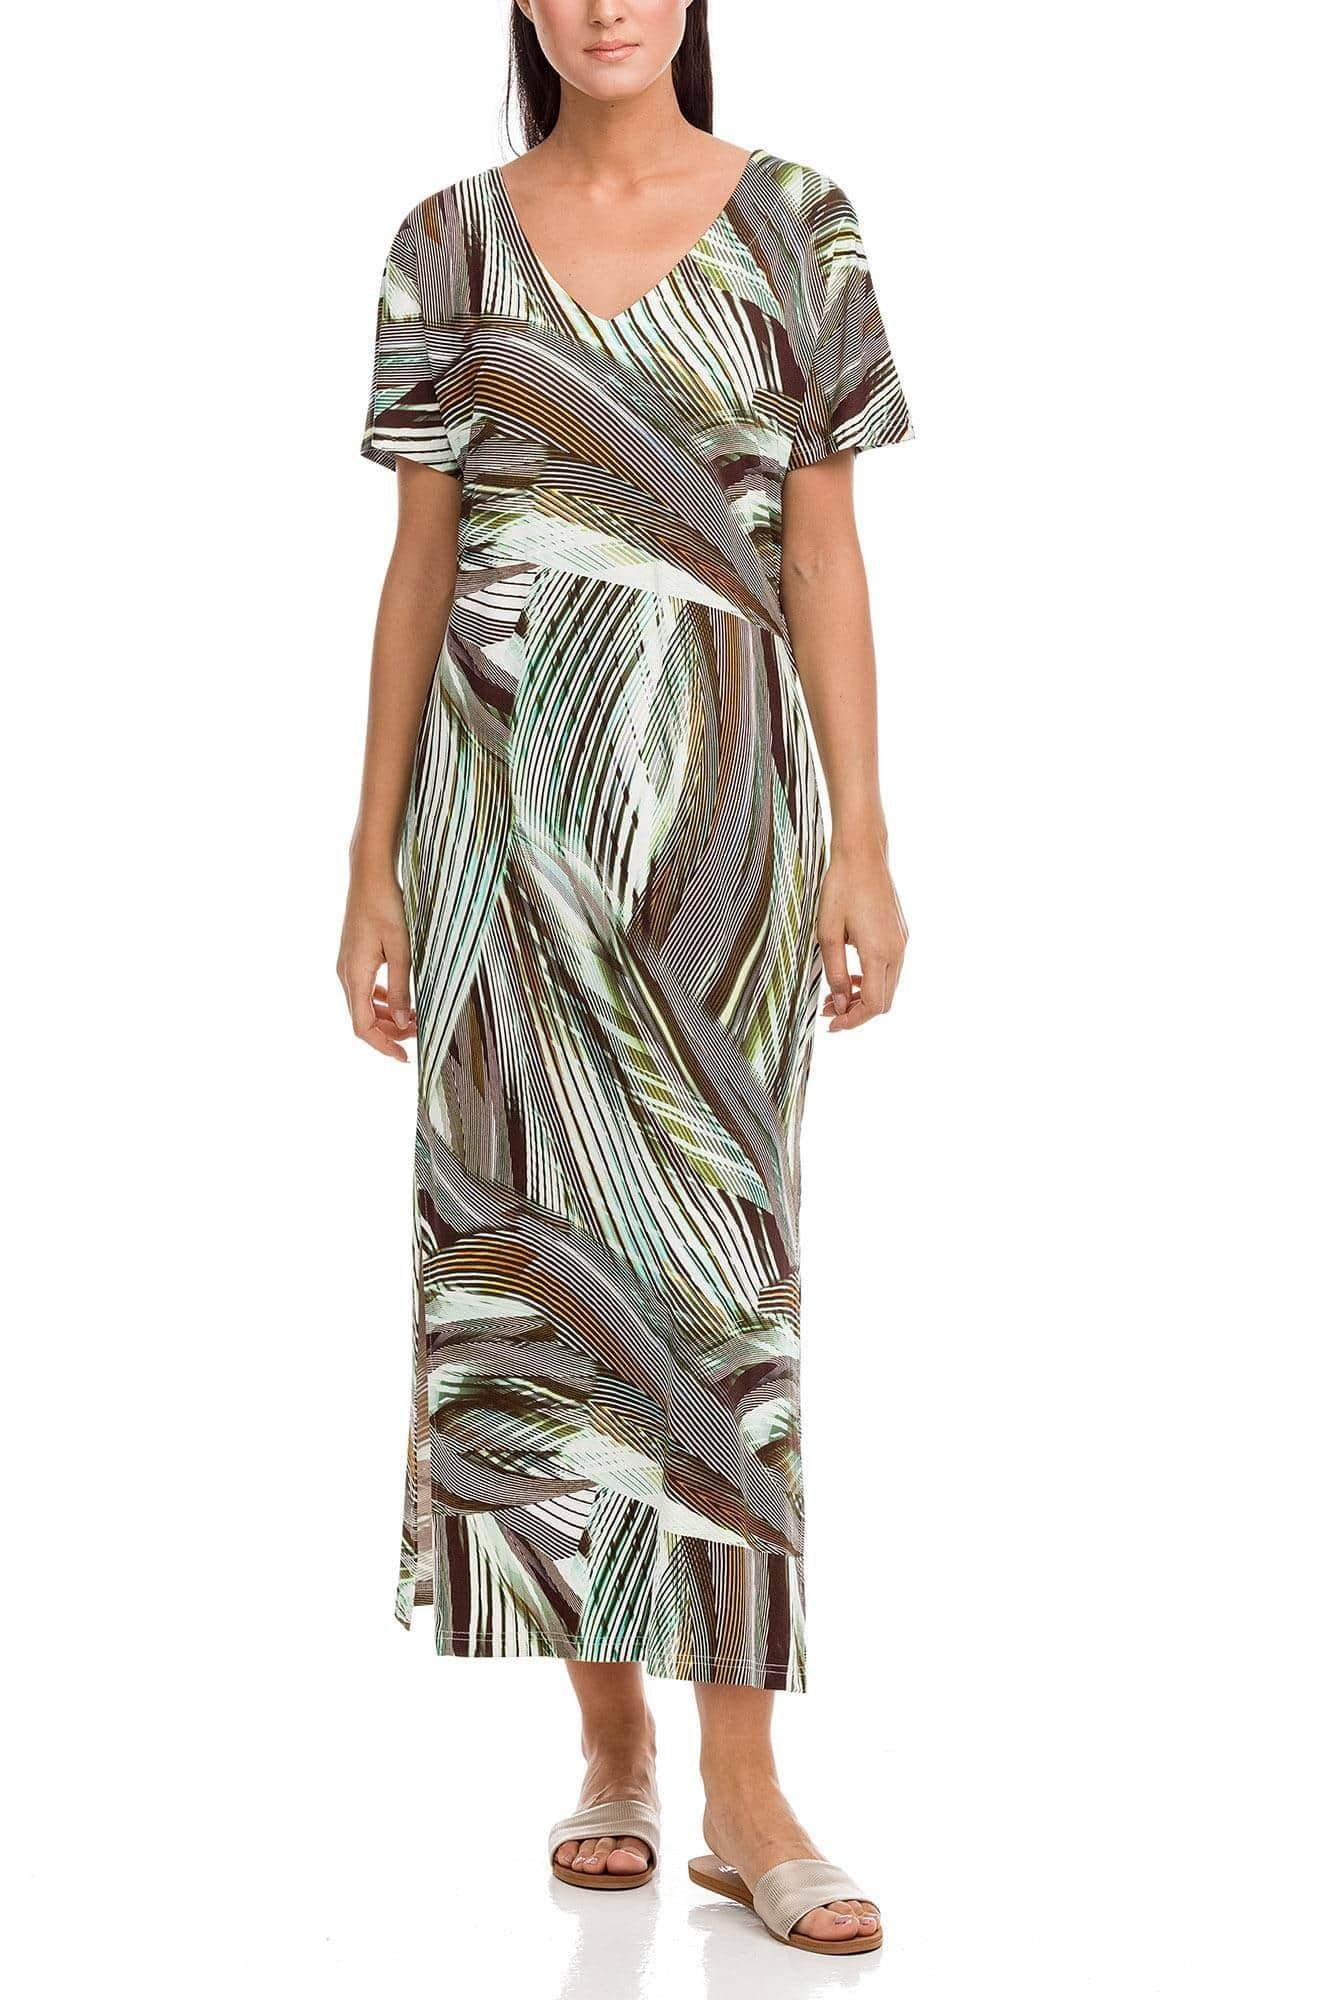 Φόρεμα Abstract Μακρύ